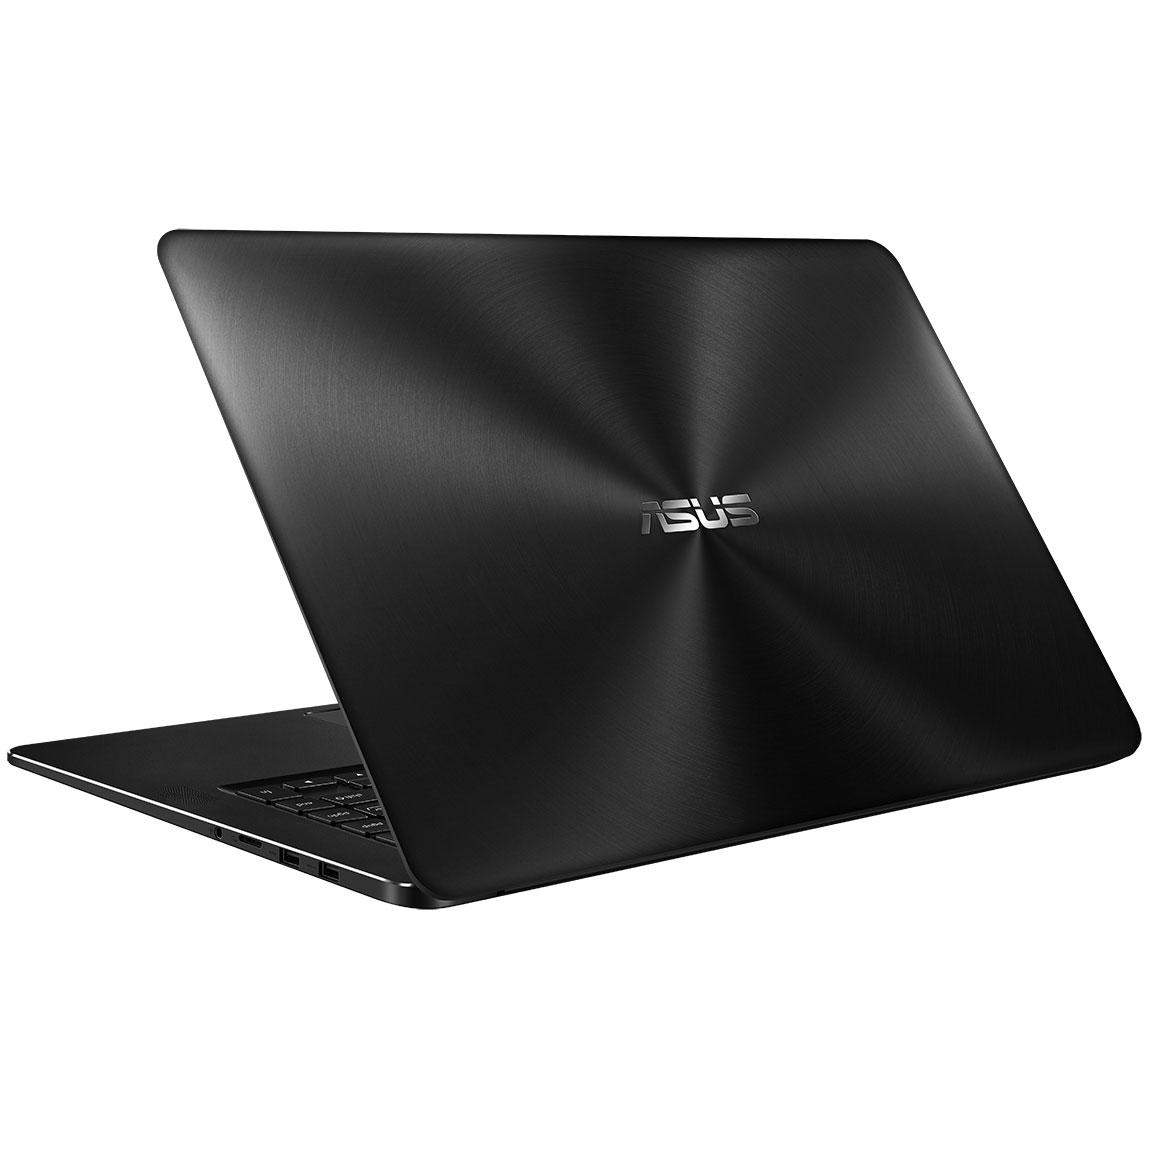 Asus 90NB0ET2-M03420 - PC portable Asus - Cybertek.fr - 1